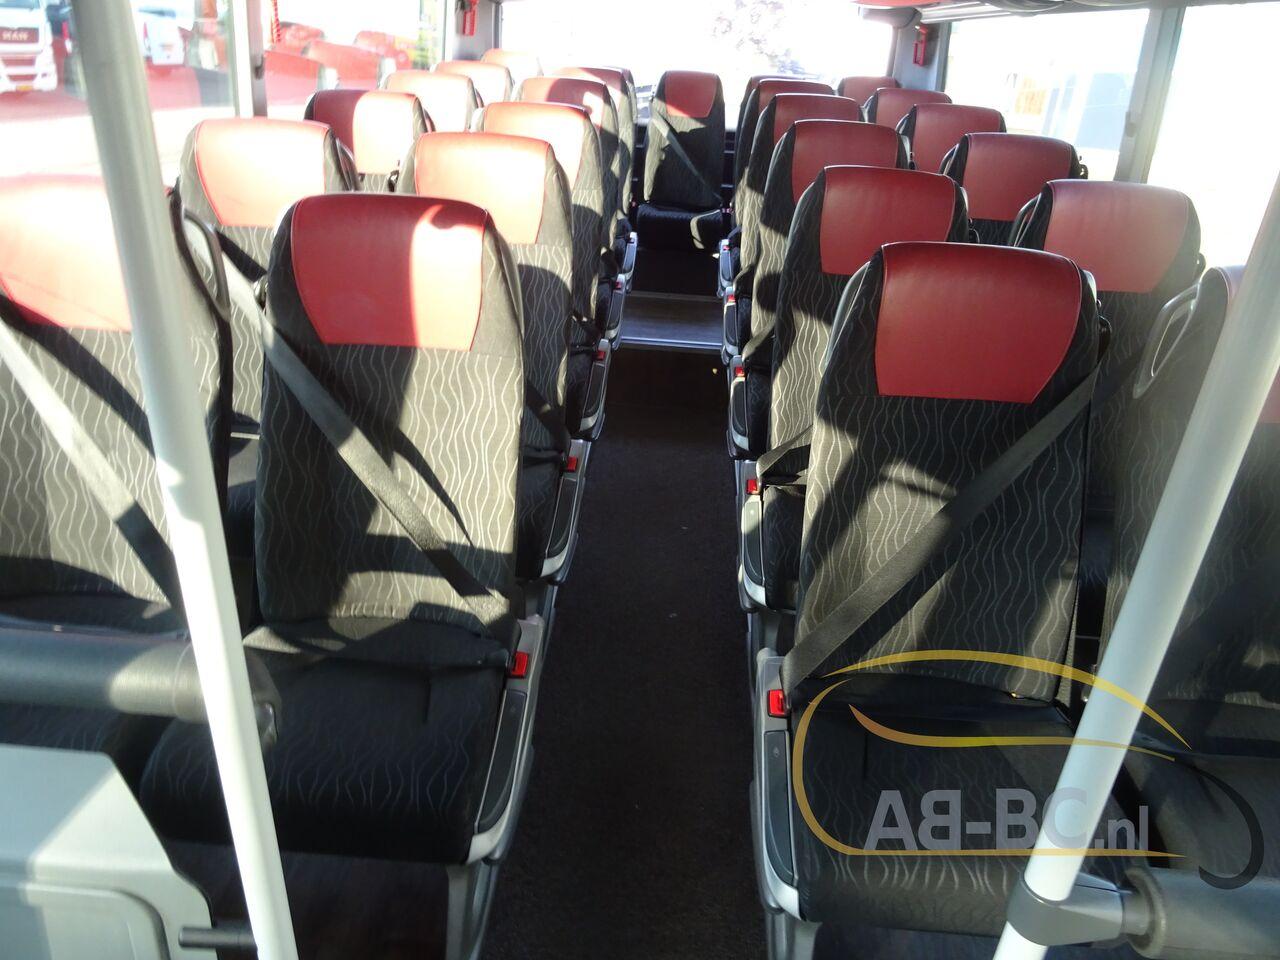 coach-bus-SETRA-S415H-52-Seats-EURO-6-Liftbus---1630913460580918113_big_cefb9b187614c7fc6a1e928271fcf210--21070517141280735500